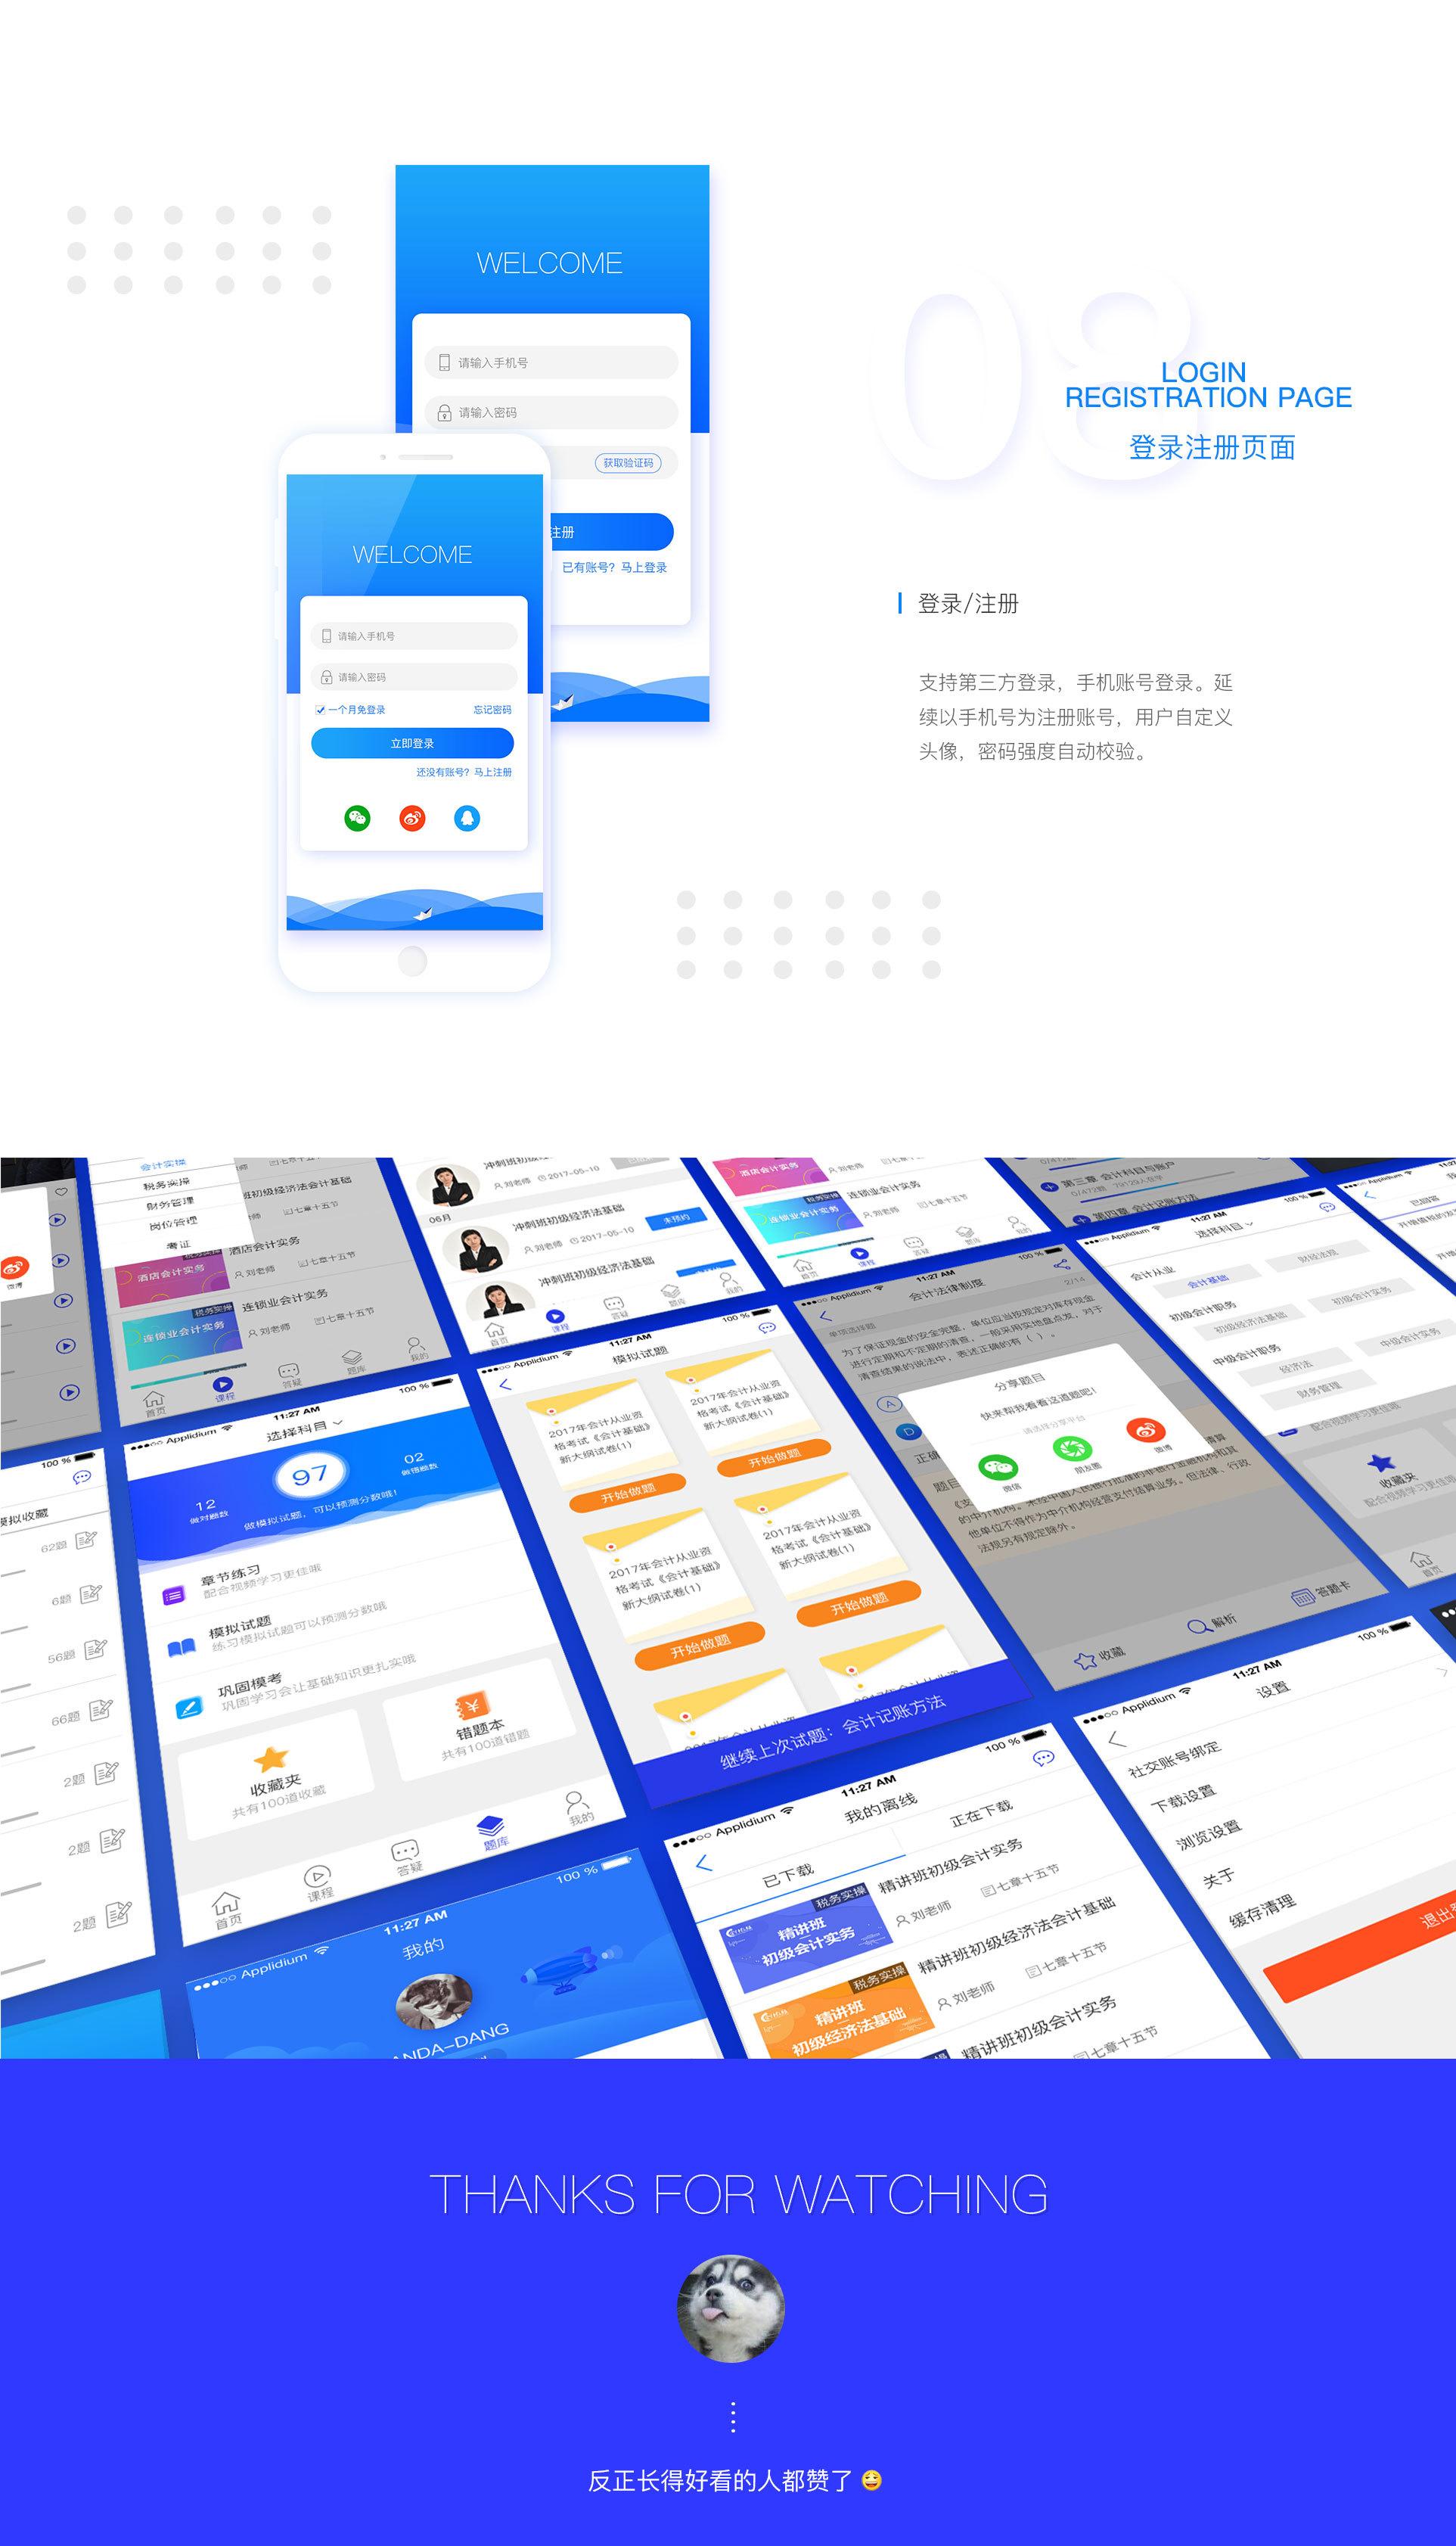 学习财务软件的目的_会计教练 - 产品案例 - 深圳app开发